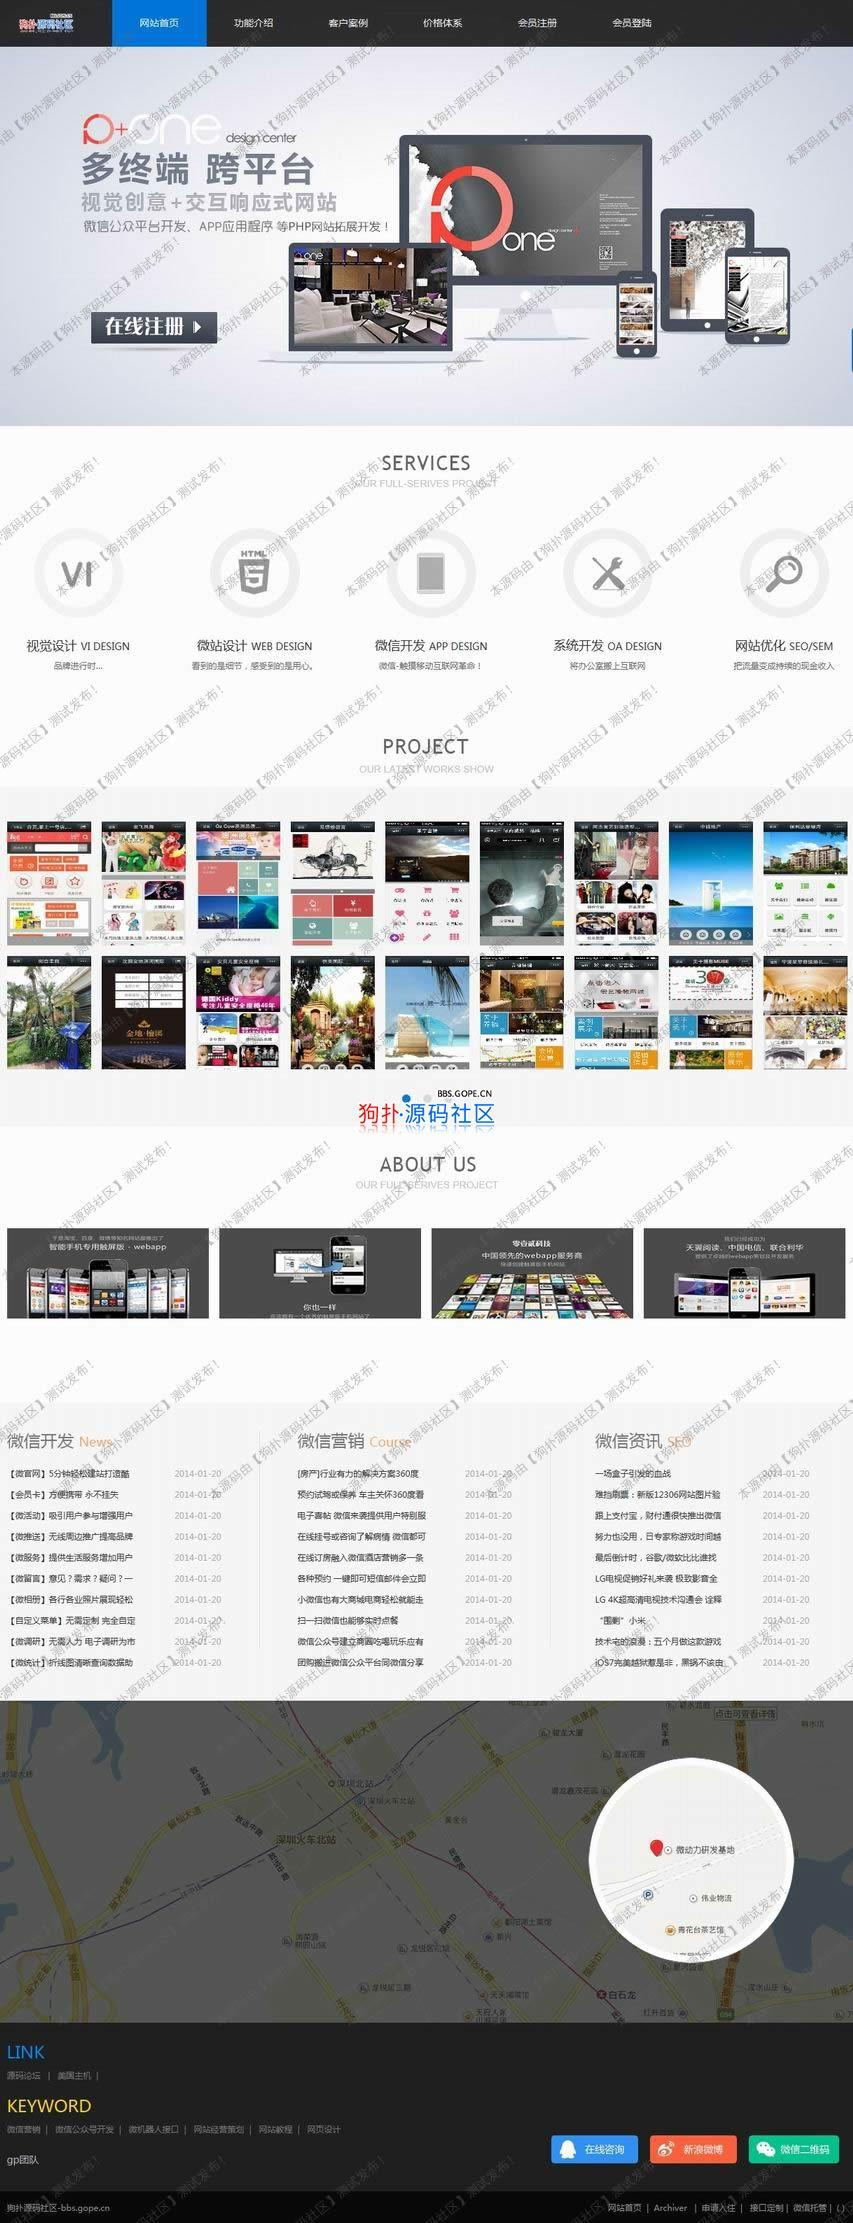 【php】微动力微信公众平台WQ_V3.0923商业版